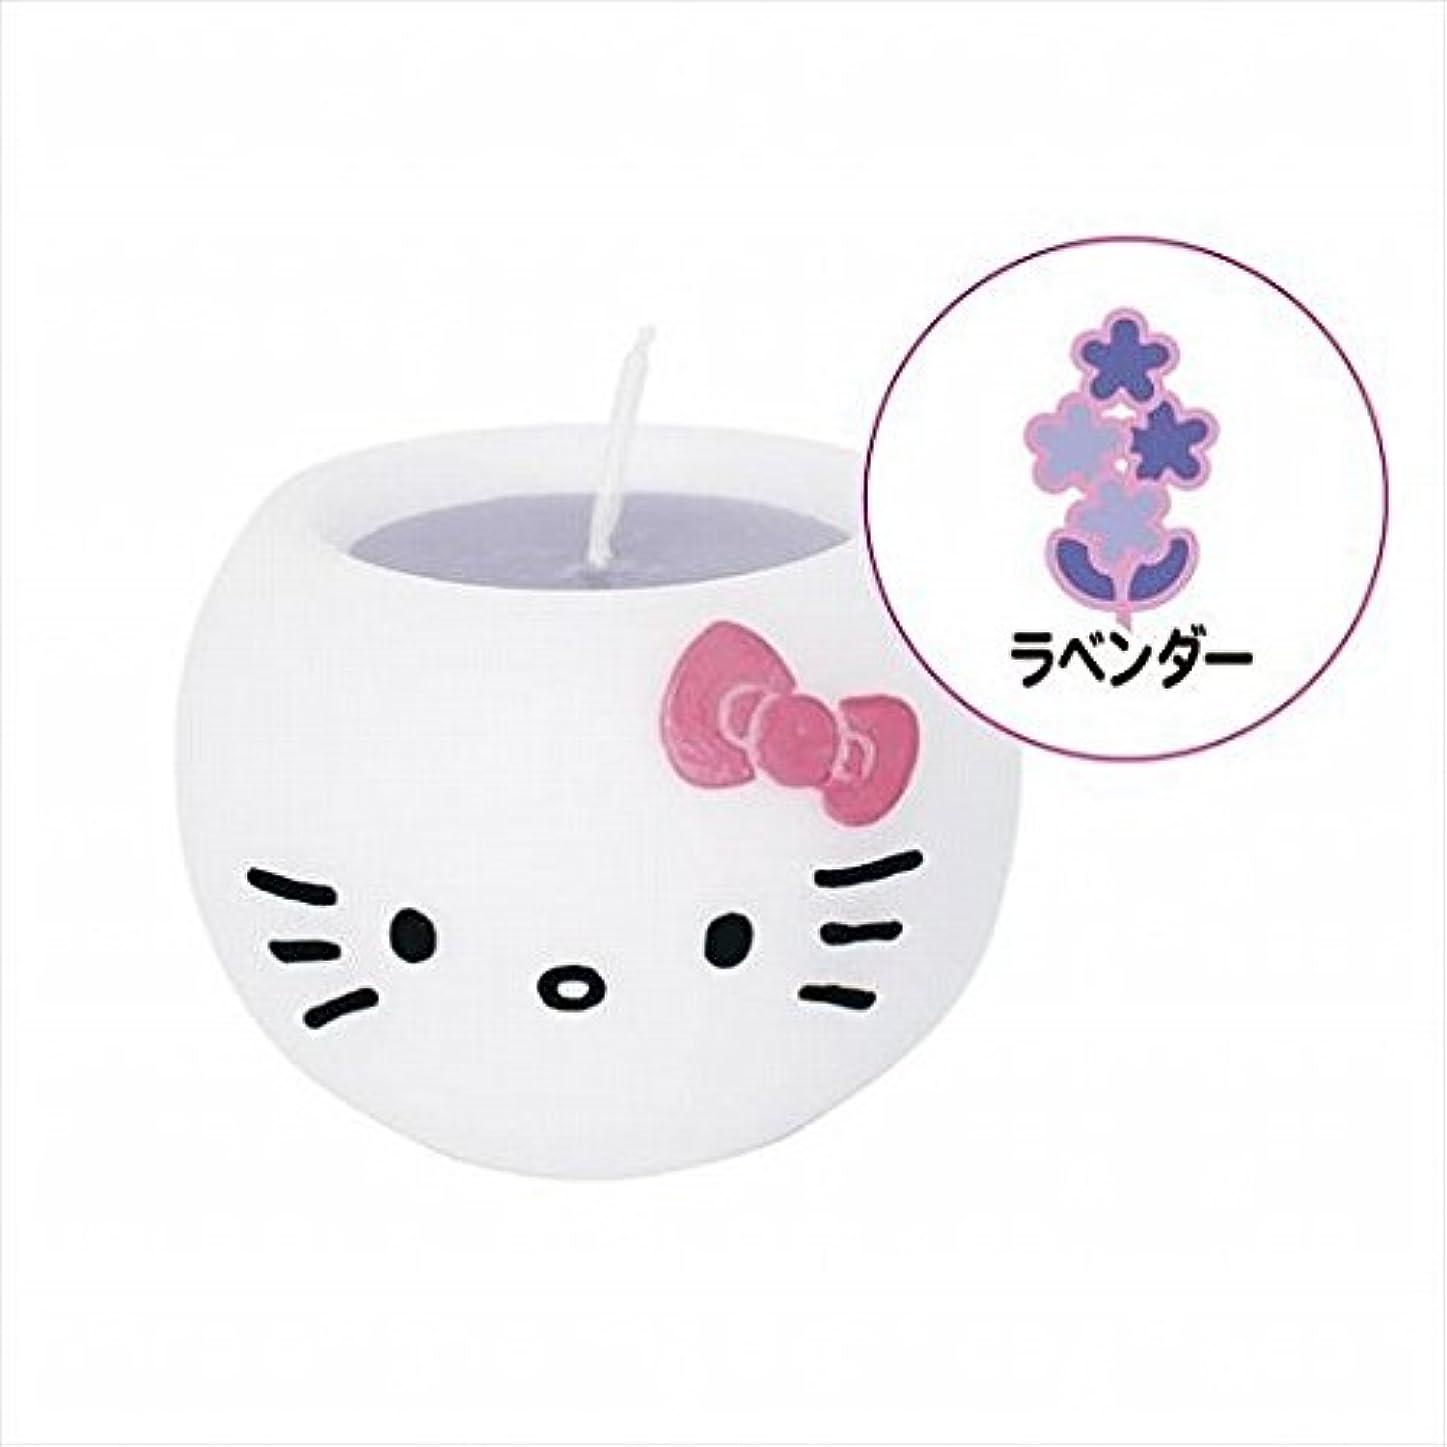 ダイヤル過度に赤ちゃんkameyama candle(カメヤマキャンドル) ハローキティアロマキャンドル 「 ラベンダー 」 キャンドル 58x58x45mm (A6980520)